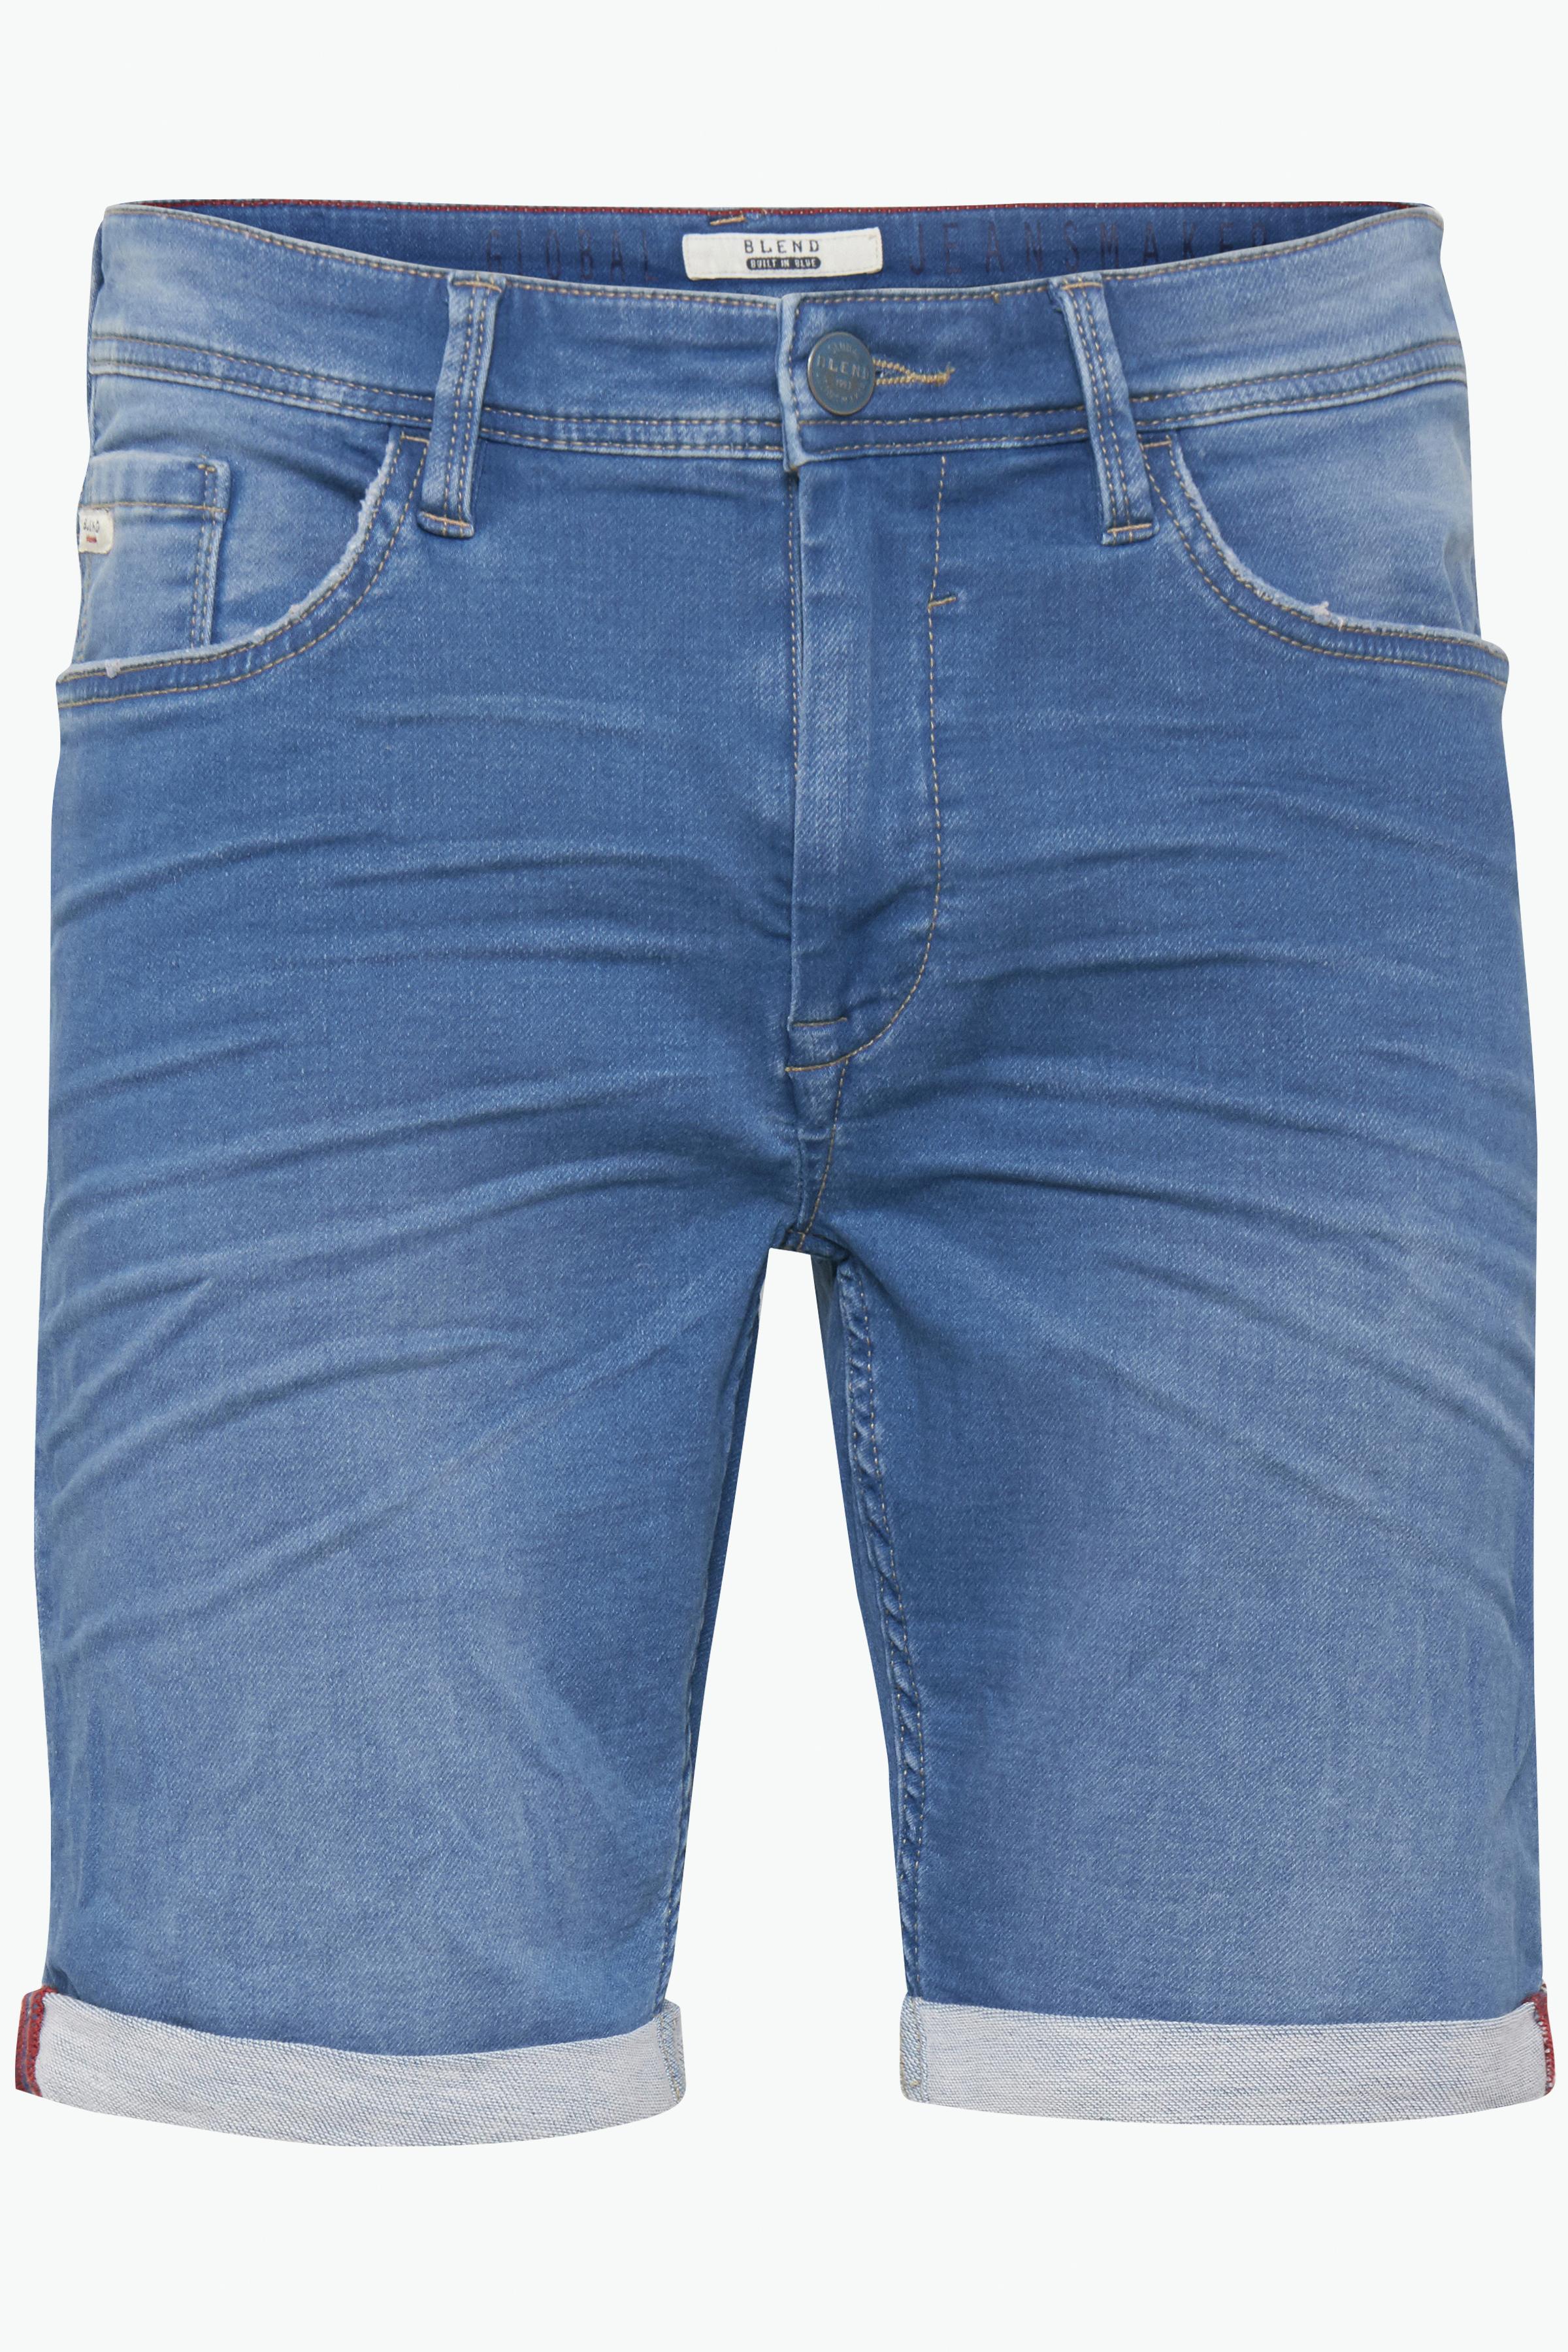 Denim Middle blue Denimshorts – Køb Denim Middle blue Denimshorts fra str. M-XXL her